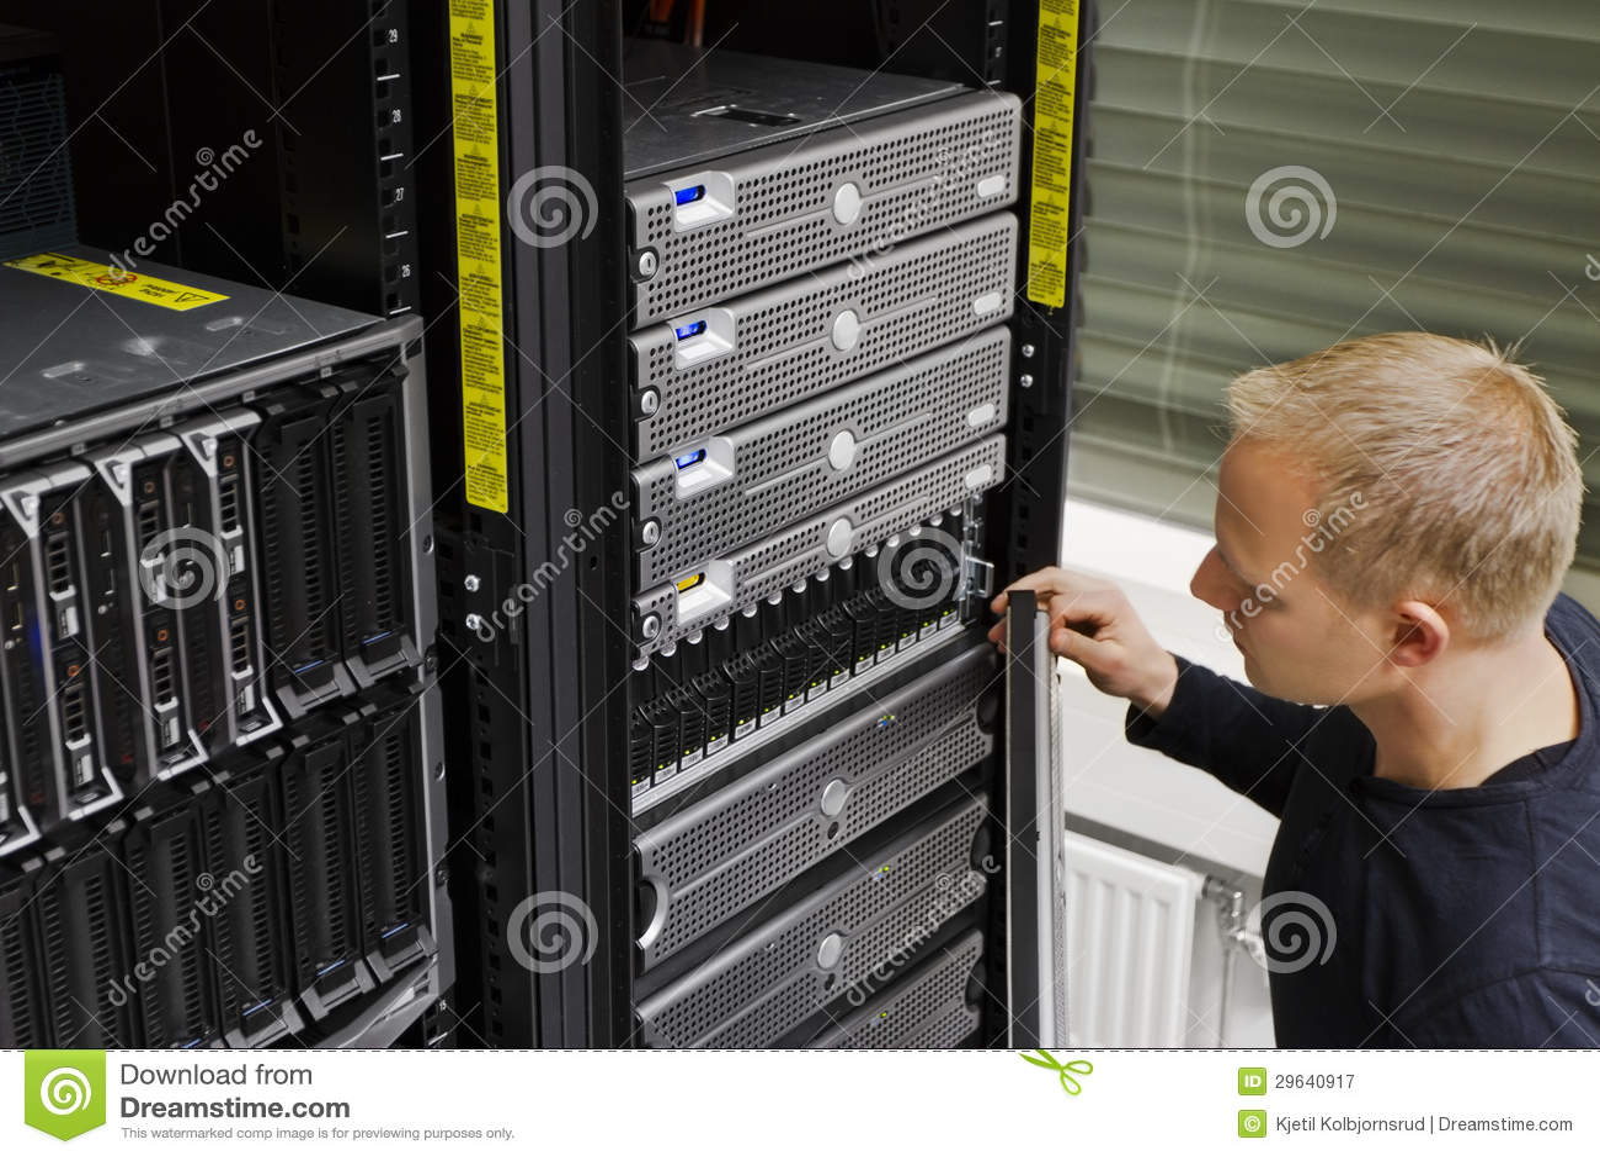 IT technik Utrzymuje SAN i serwerów